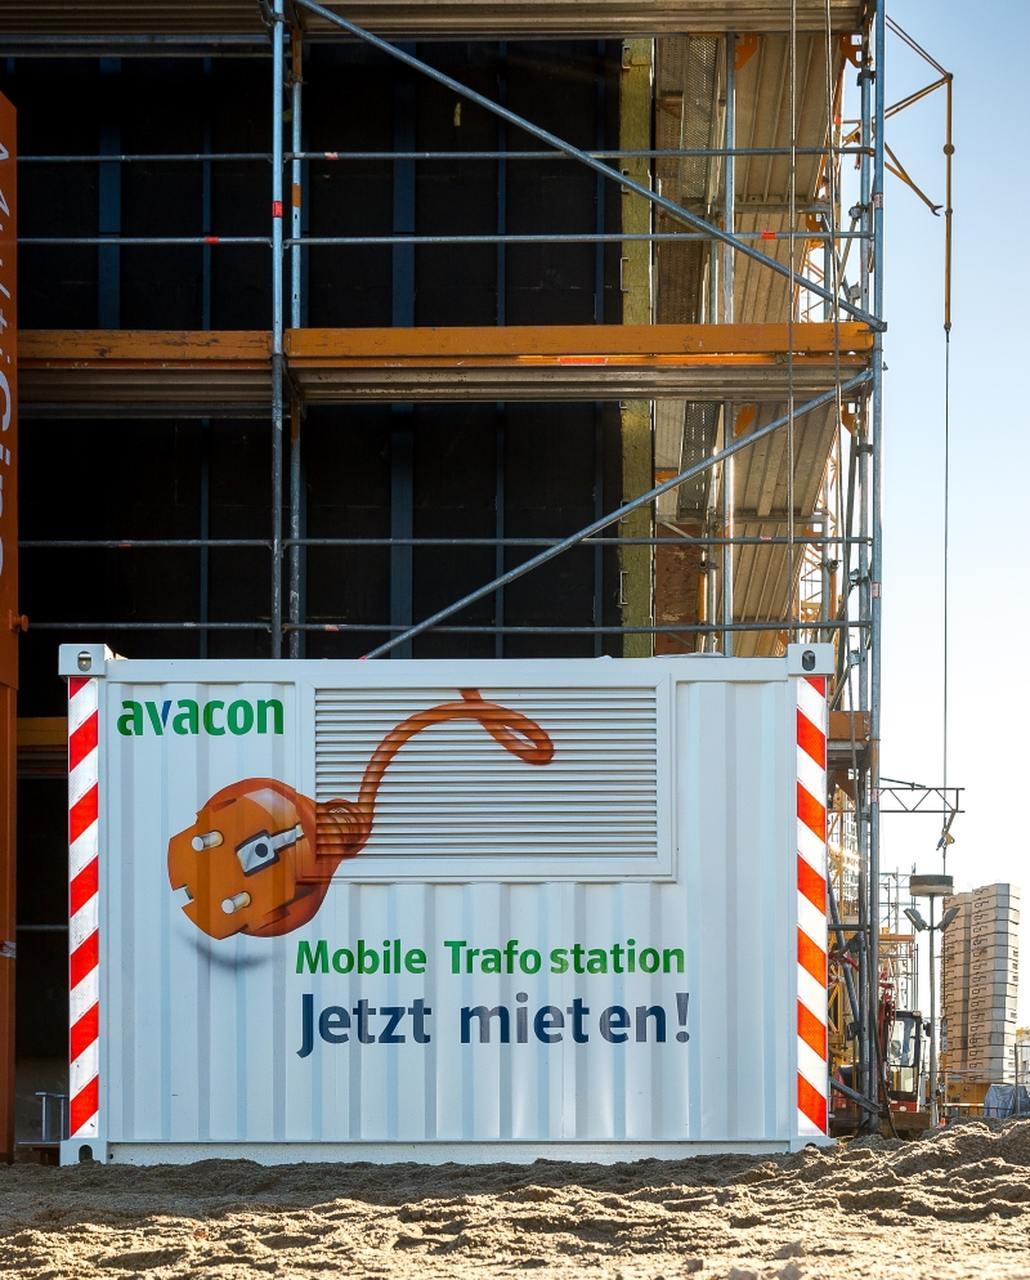 Vermietung von mobilen Trafostationen